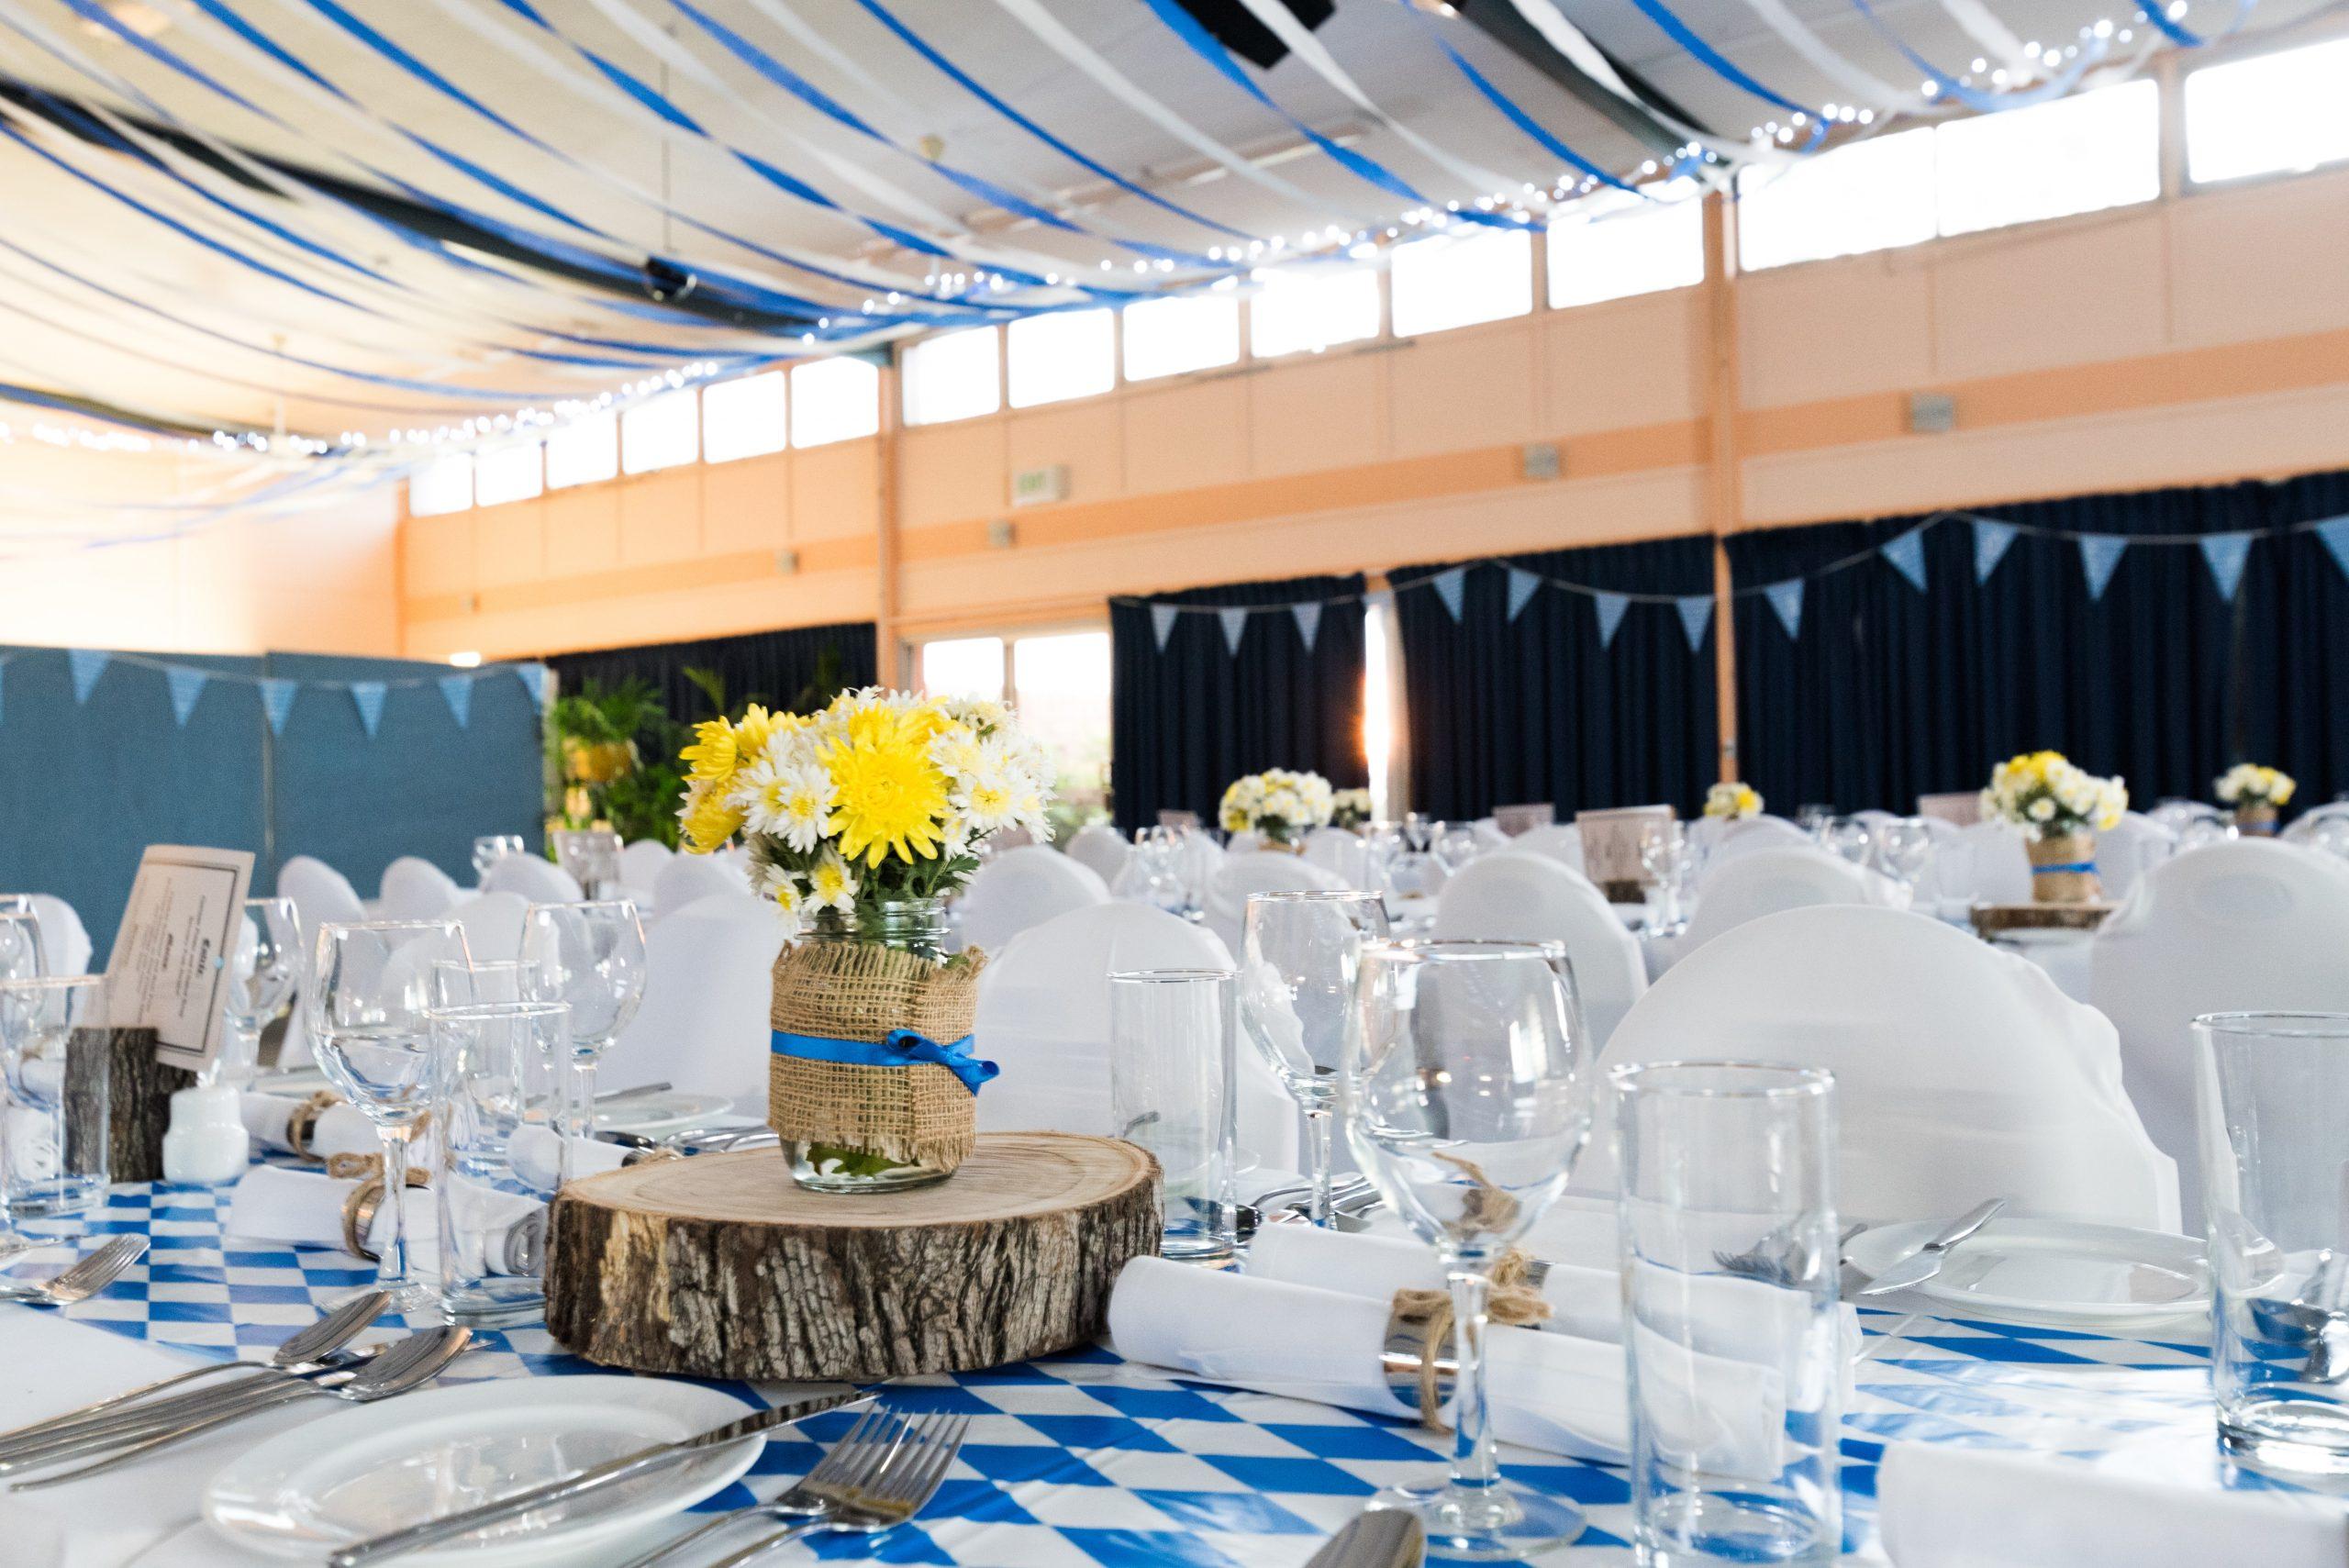 Festlicher Veranstaltungsraum, schön dekoriert in den Farben der bayrischen Flagge.